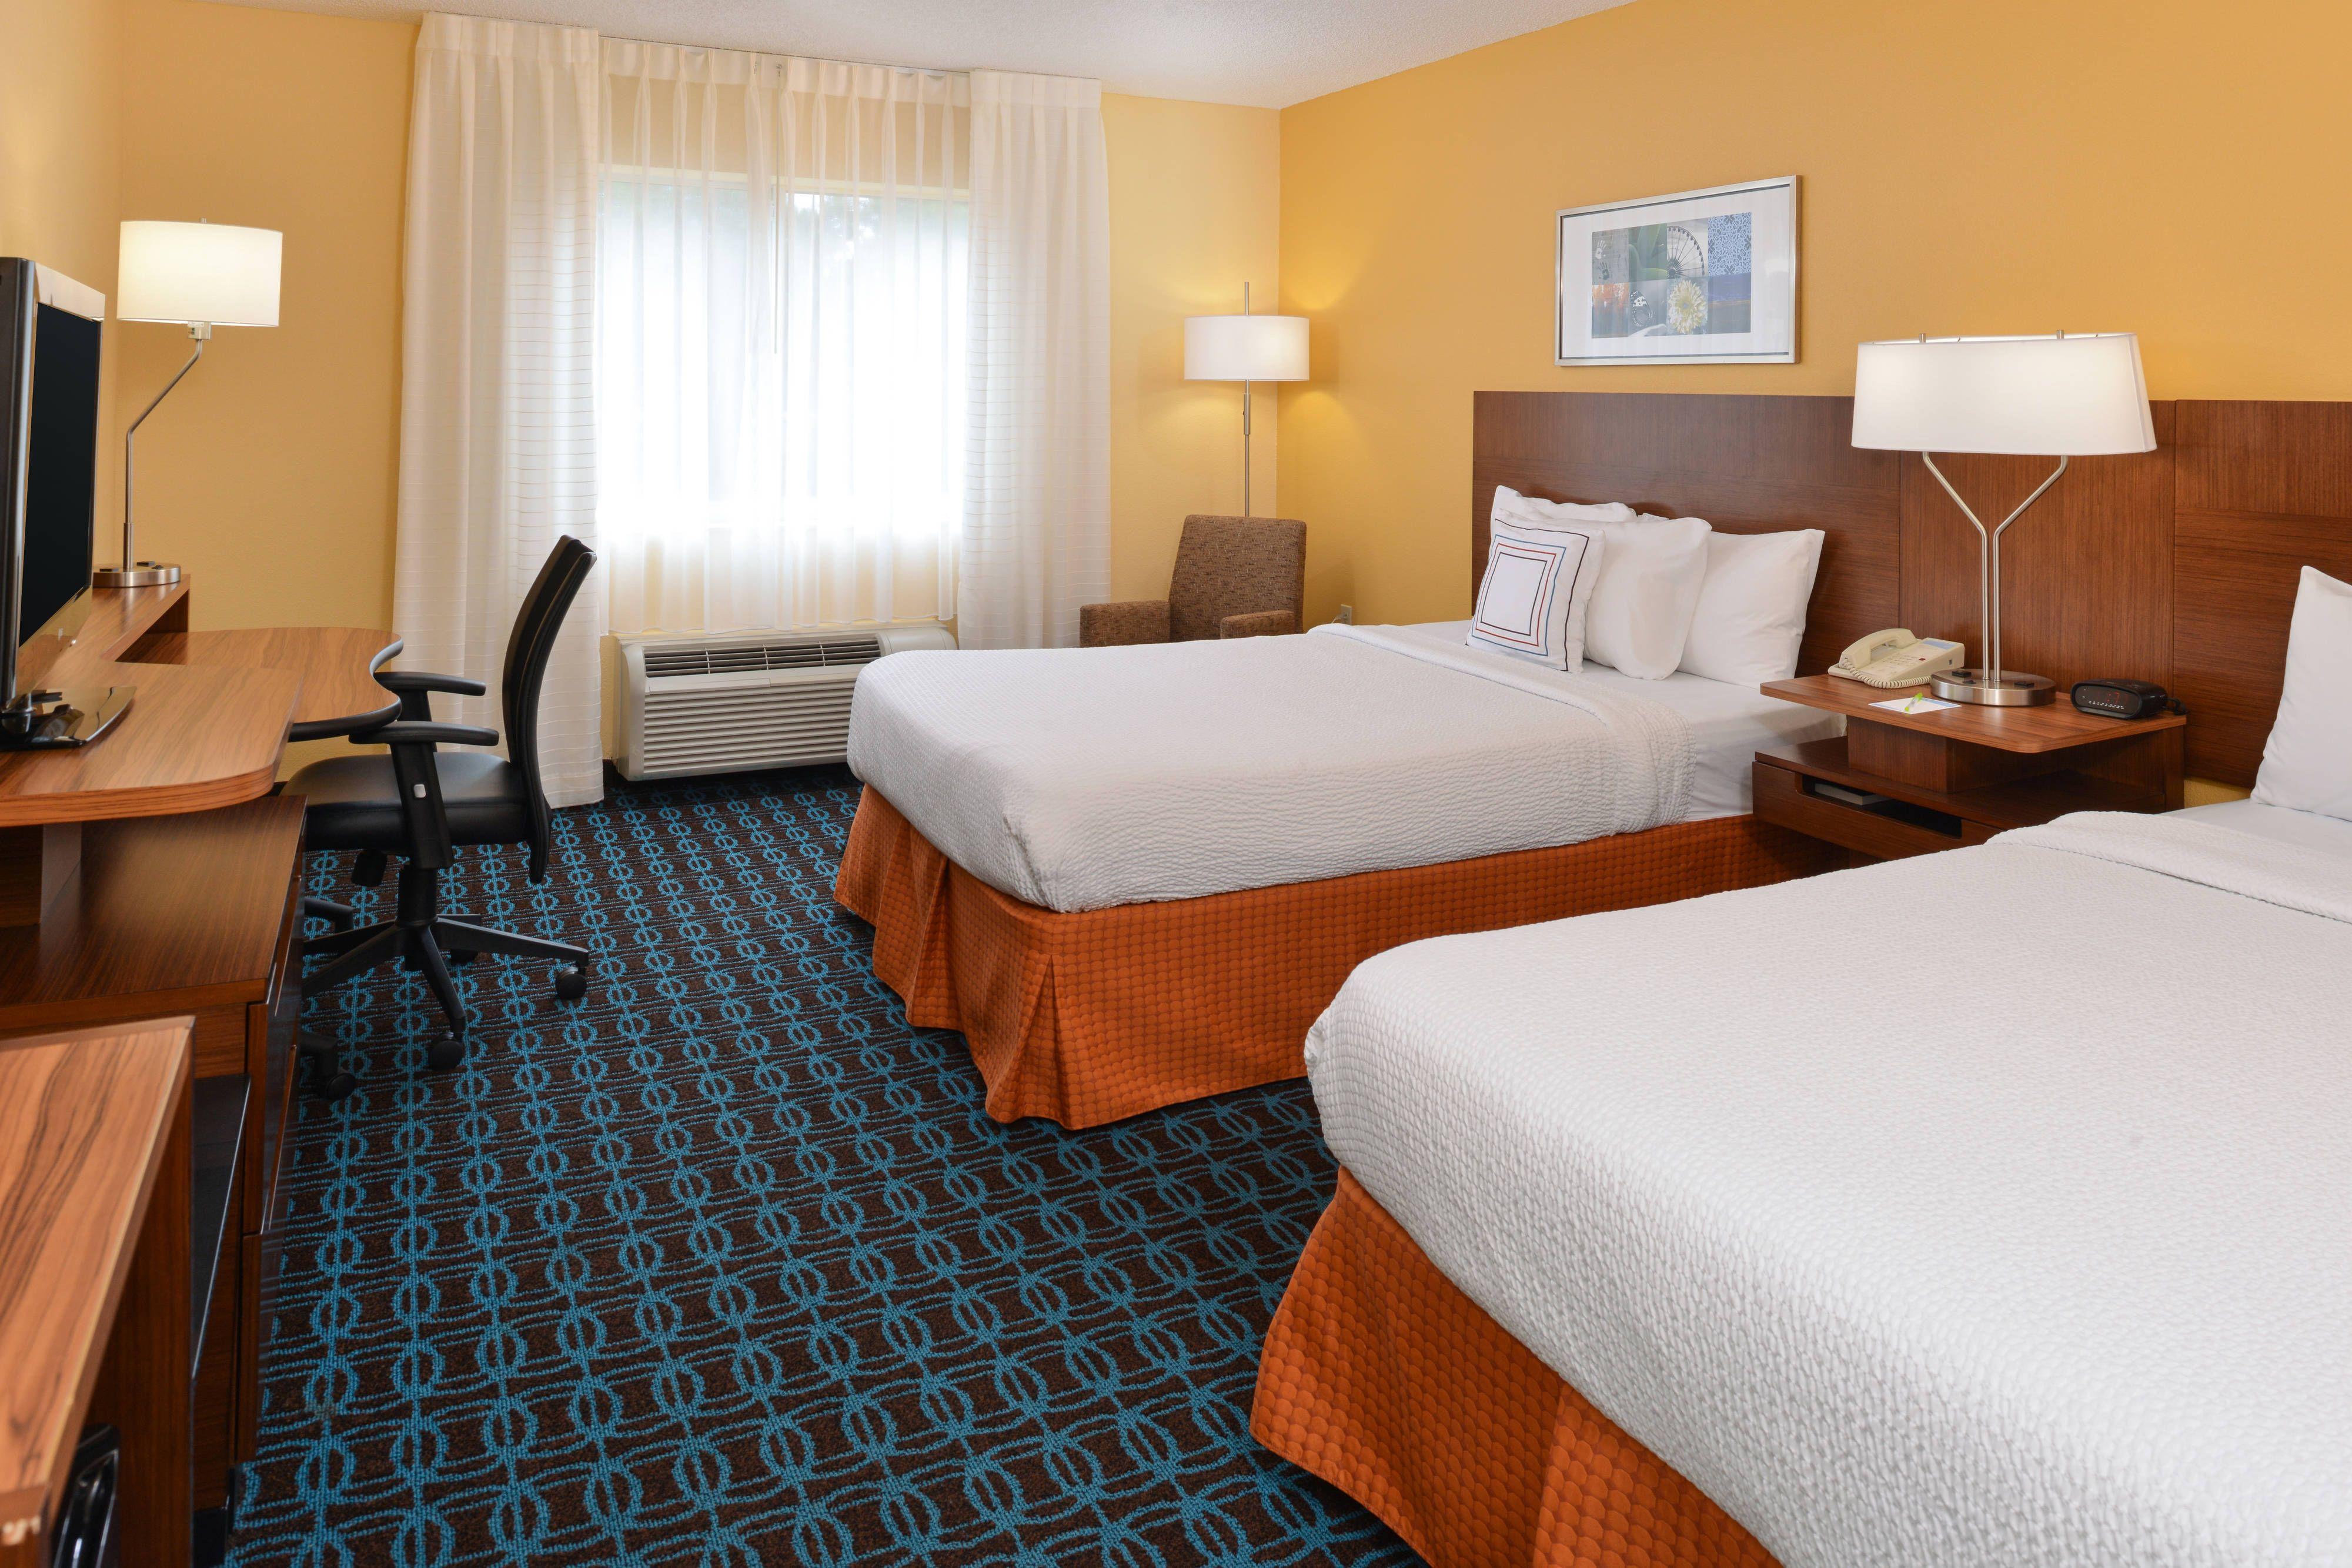 Fairfield Inn Suites, Inn